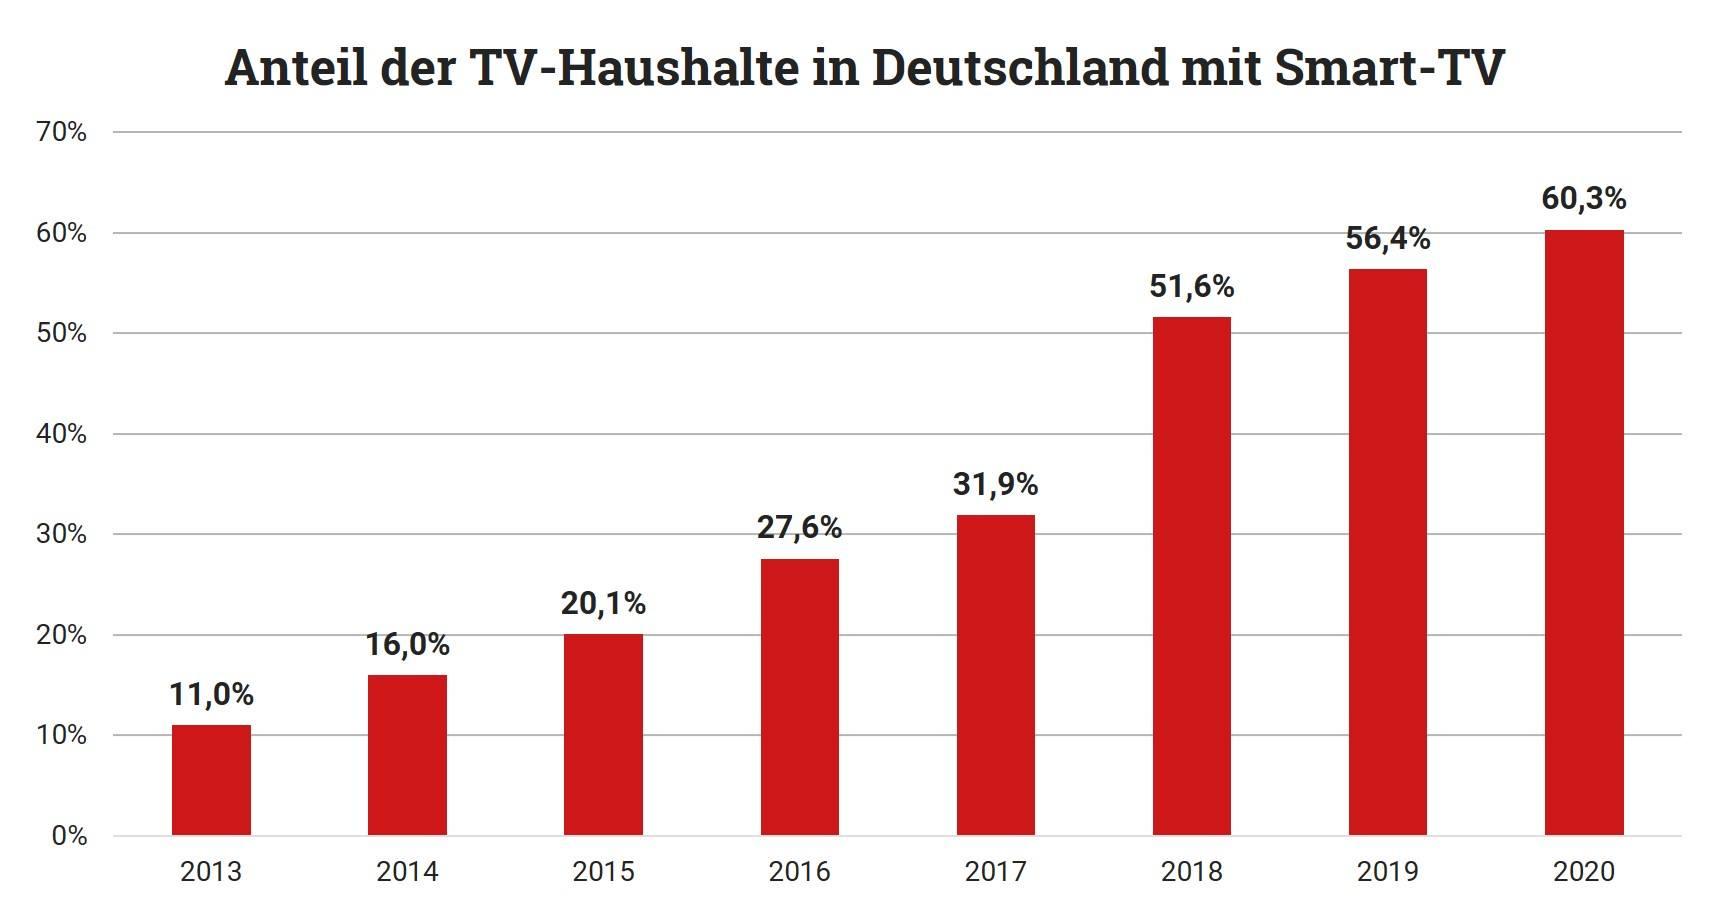 TV-Haushalt mit Smart-TV